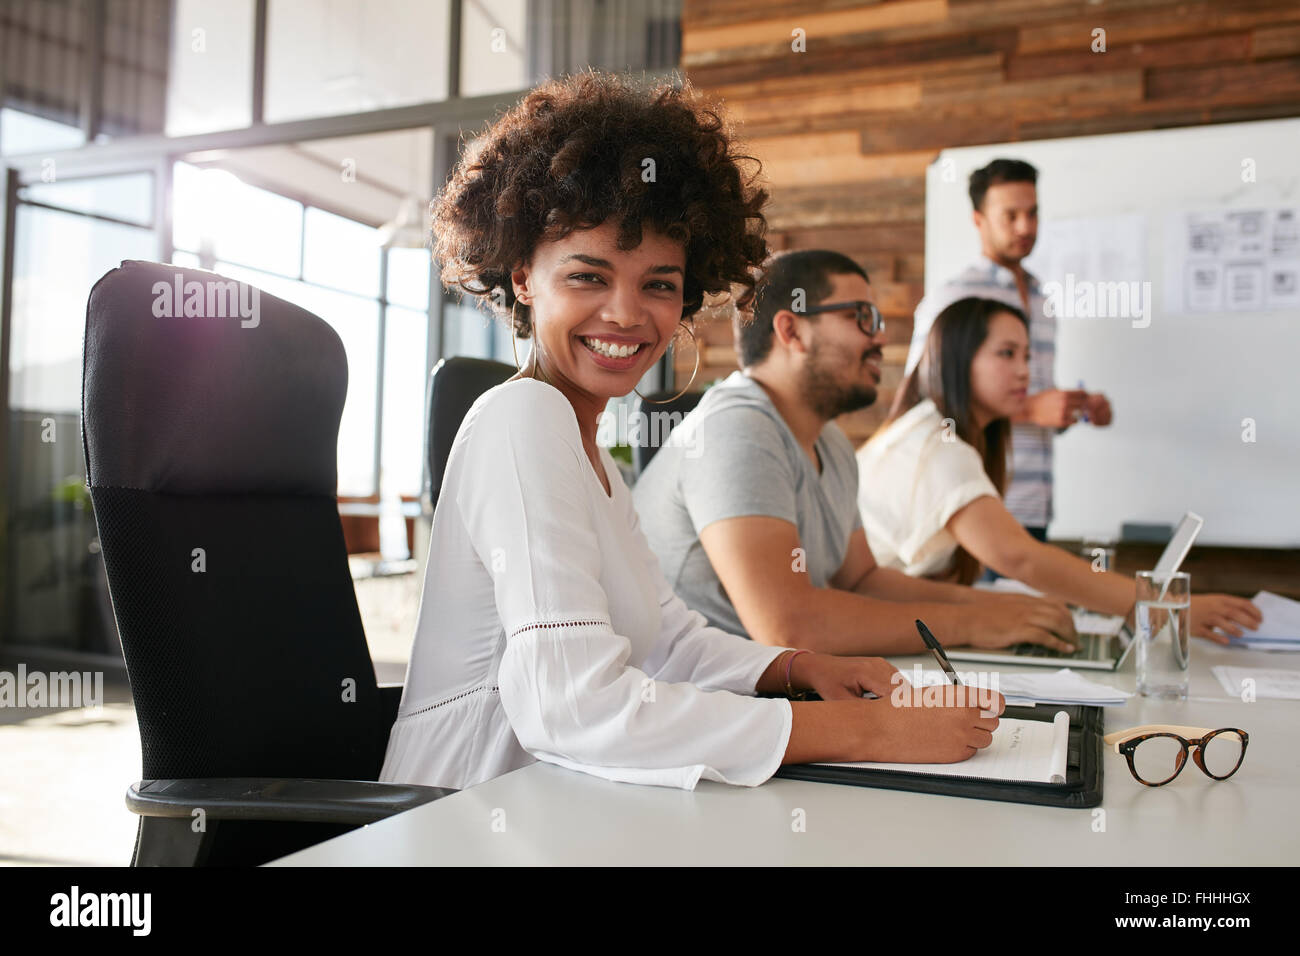 Porträt der glückliche junge Afrikanerin sitzen an einer Business-Präsentation mit Kolleginnen und Kollegen im Sitzungssaal. Stockfoto